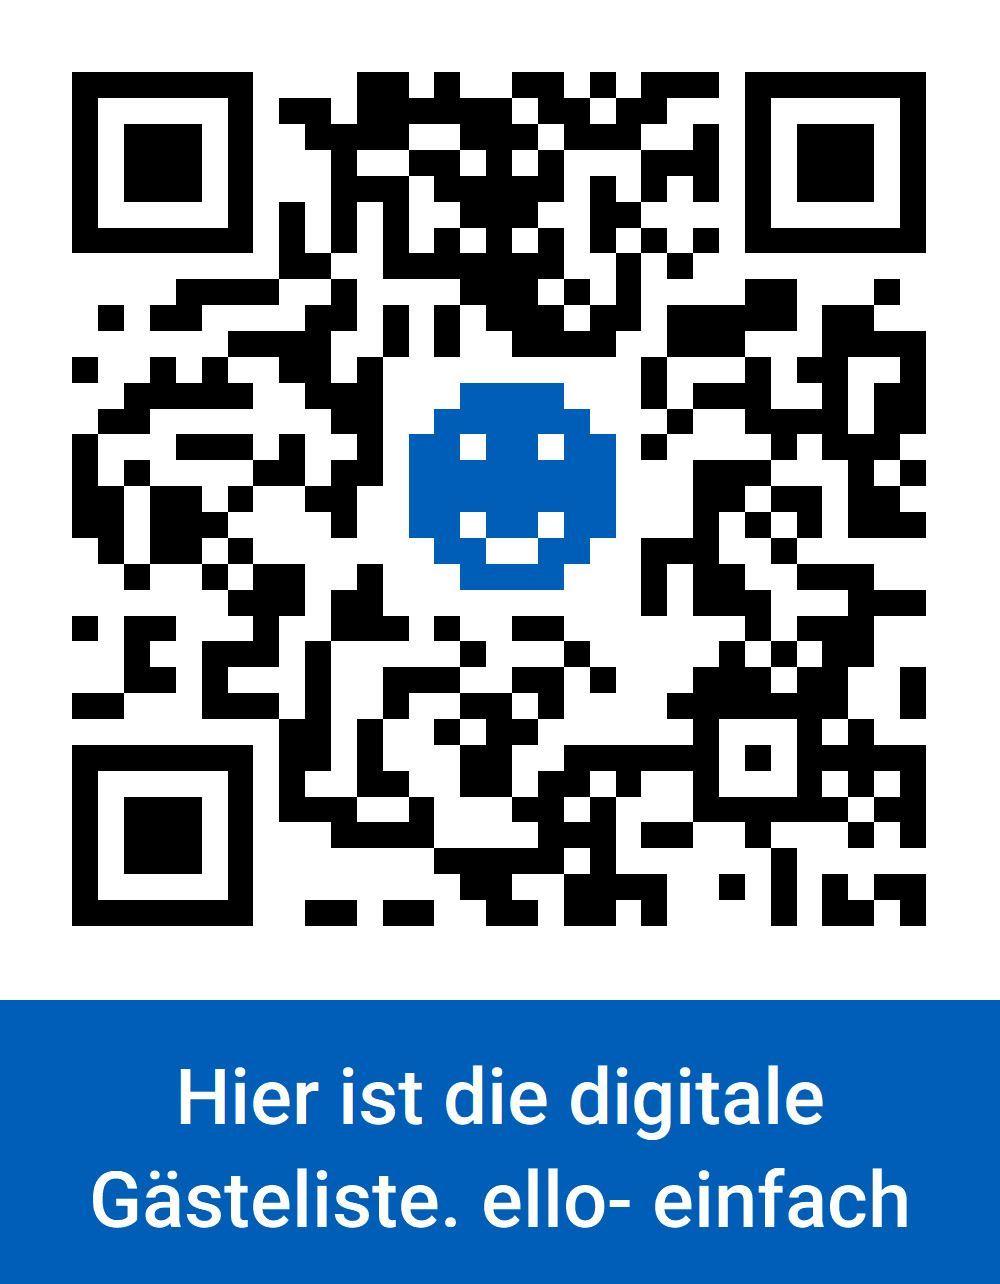 Herzlich willkommen! - Digitale Gästeliste